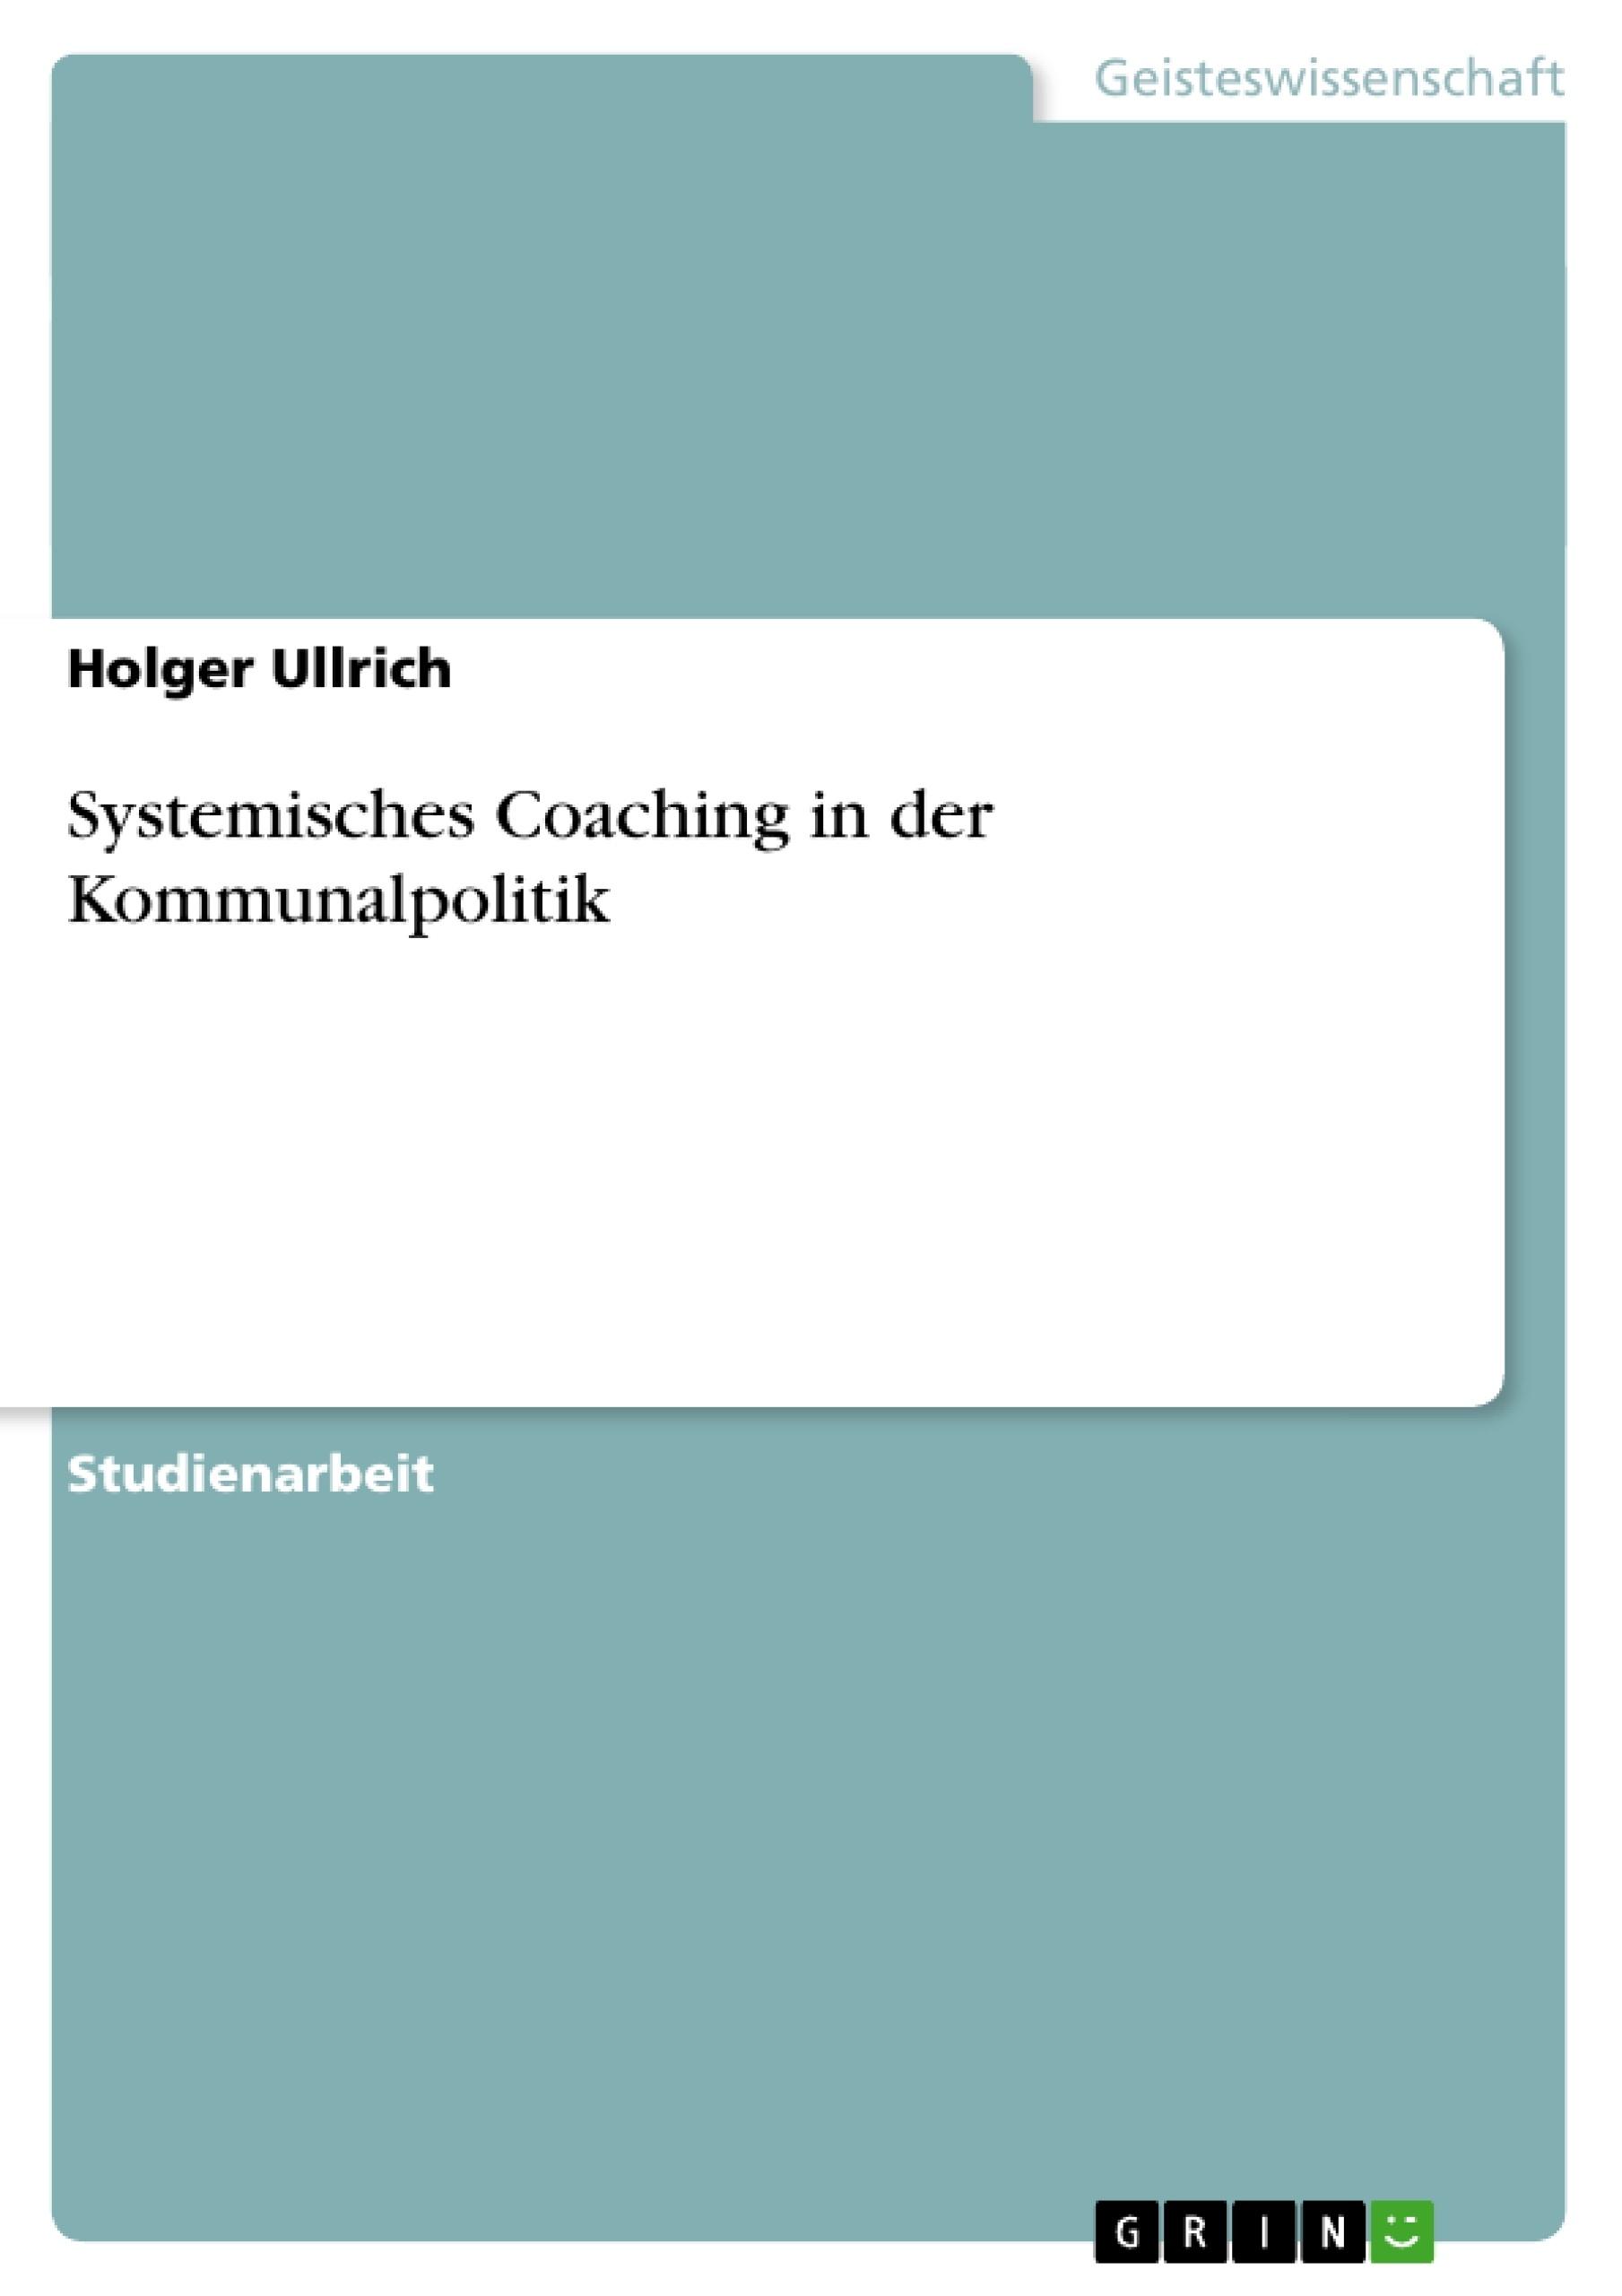 Titel: Systemisches Coaching in der Kommunalpolitik